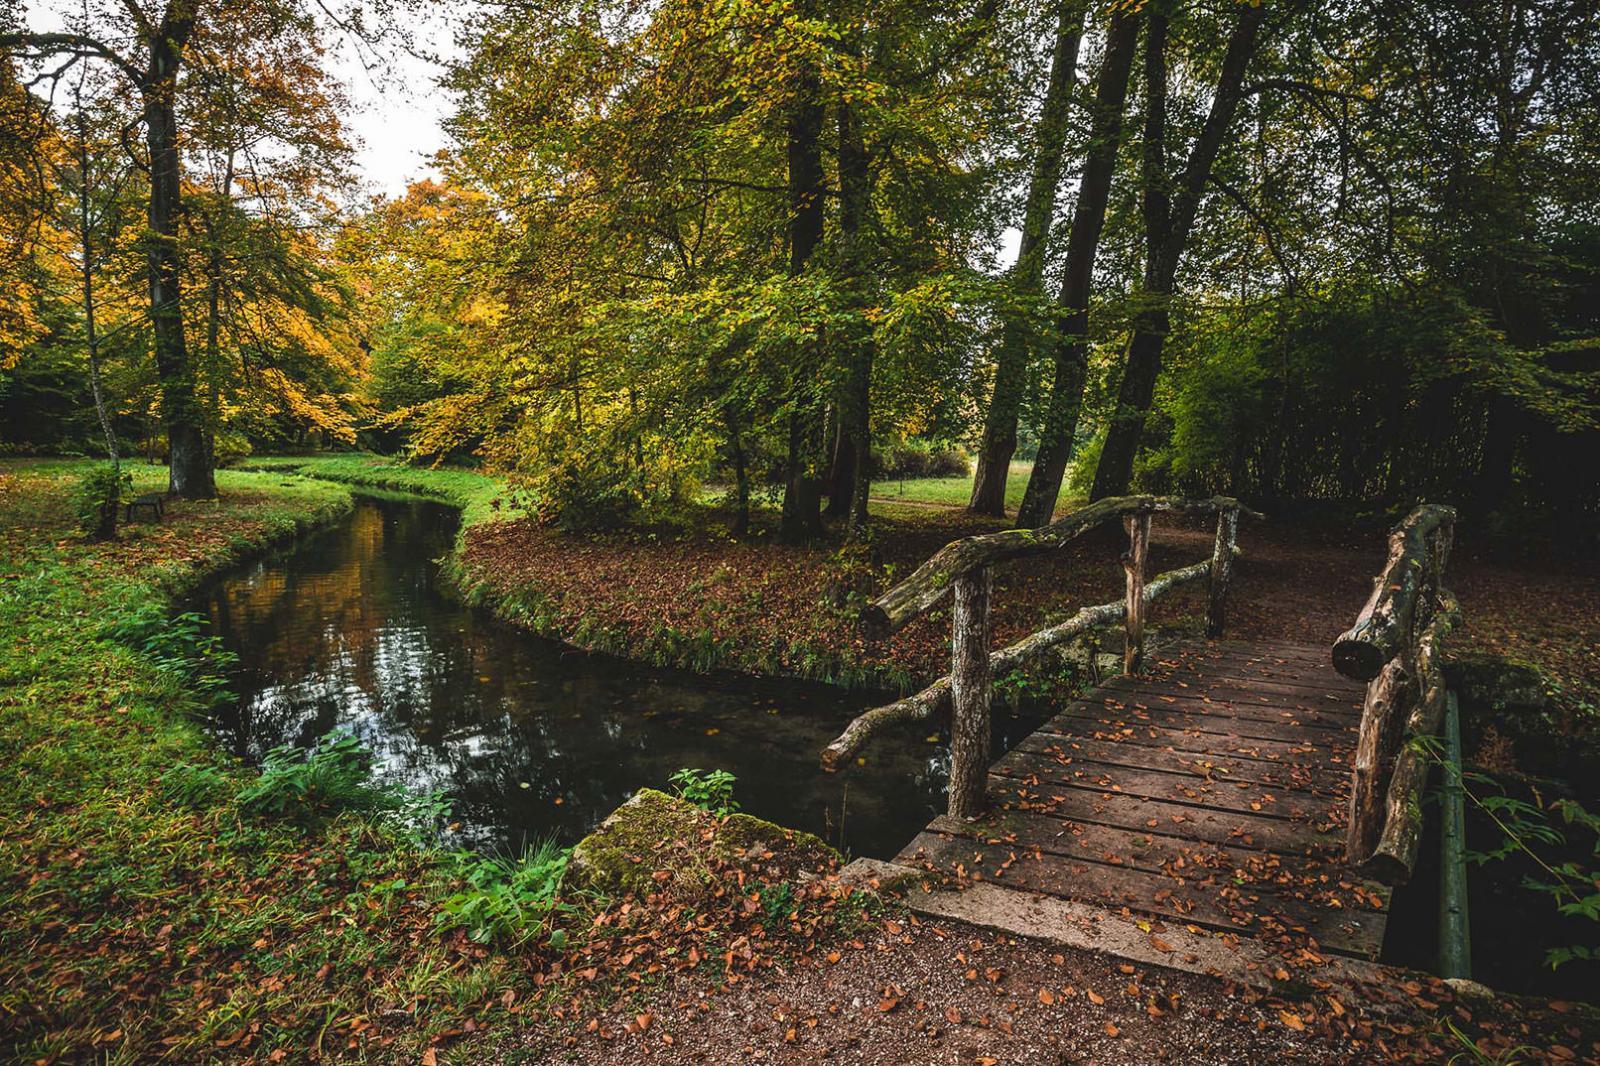 Herbst-Fotografie, Fotoshooting Brücke über Bach